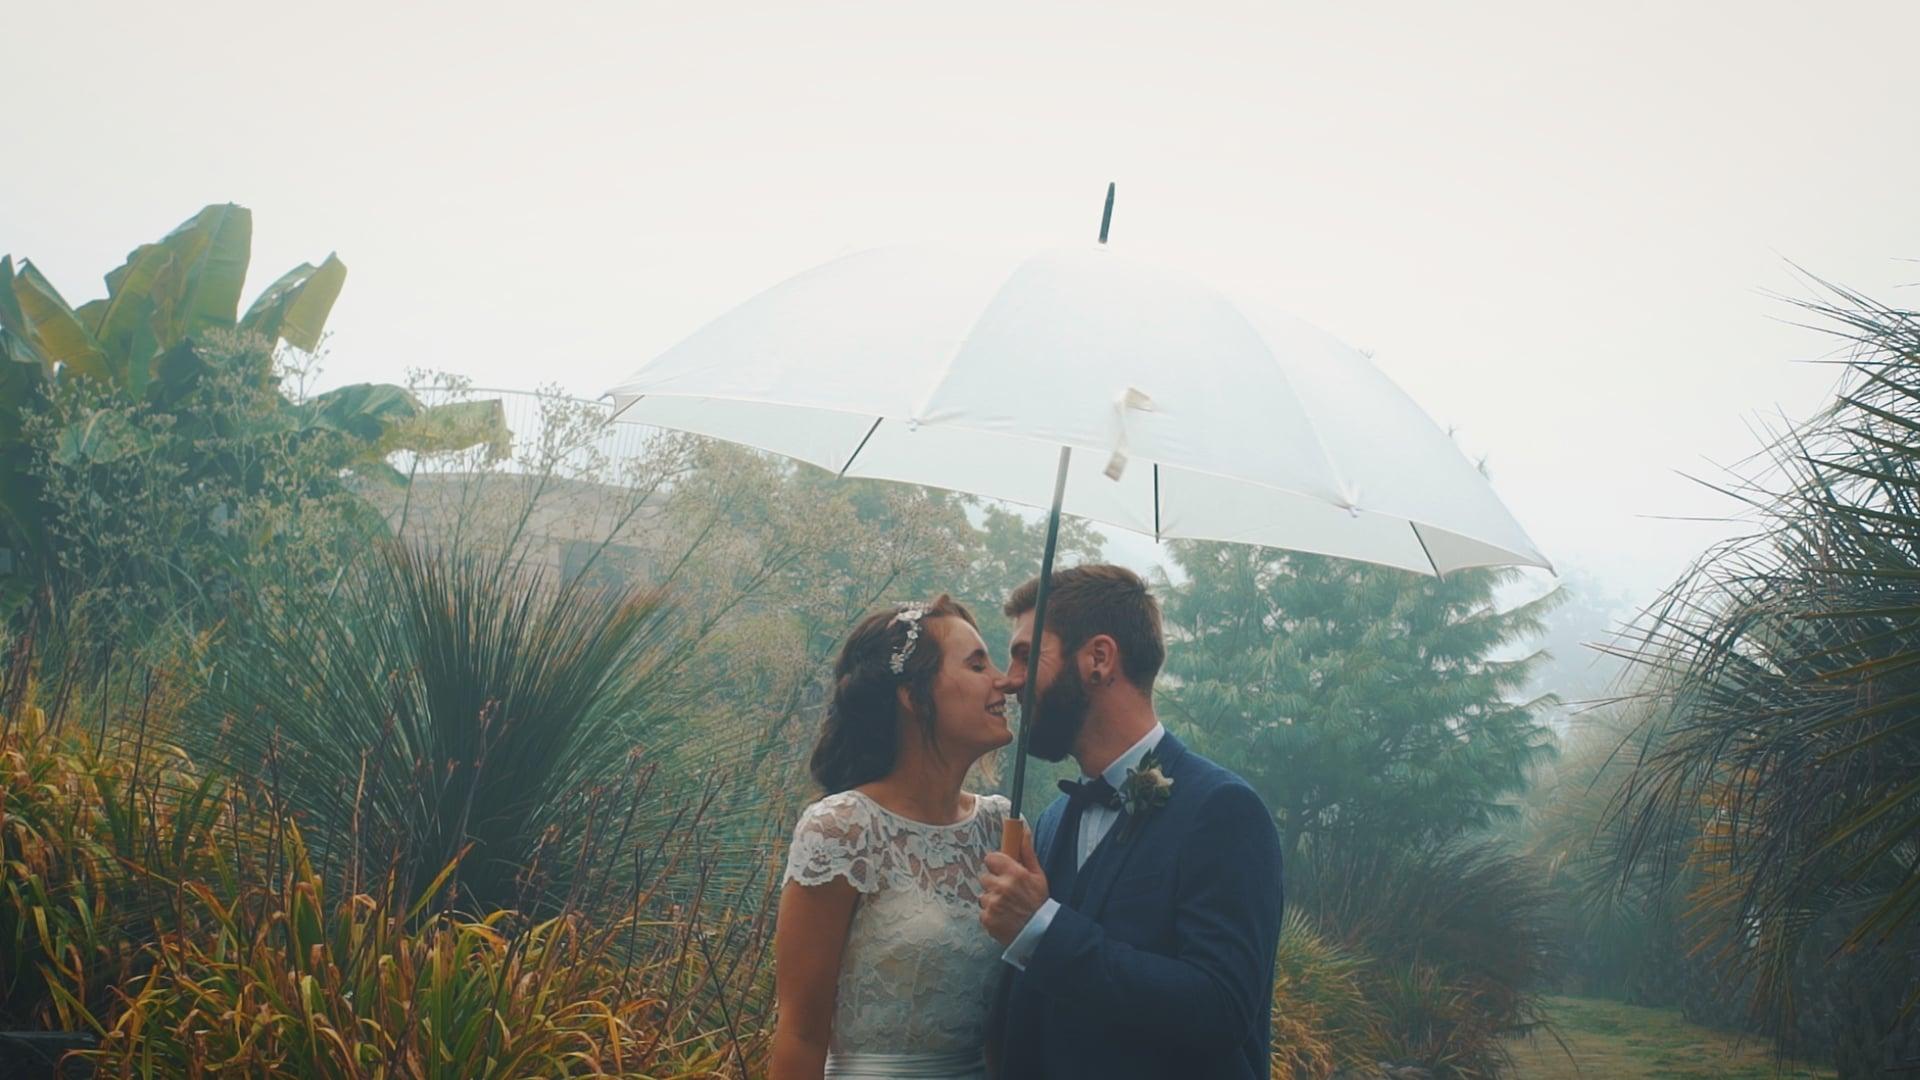 Elopement Wedding video Trenmenheere Gardens, Cornwall - Amy & Daniel